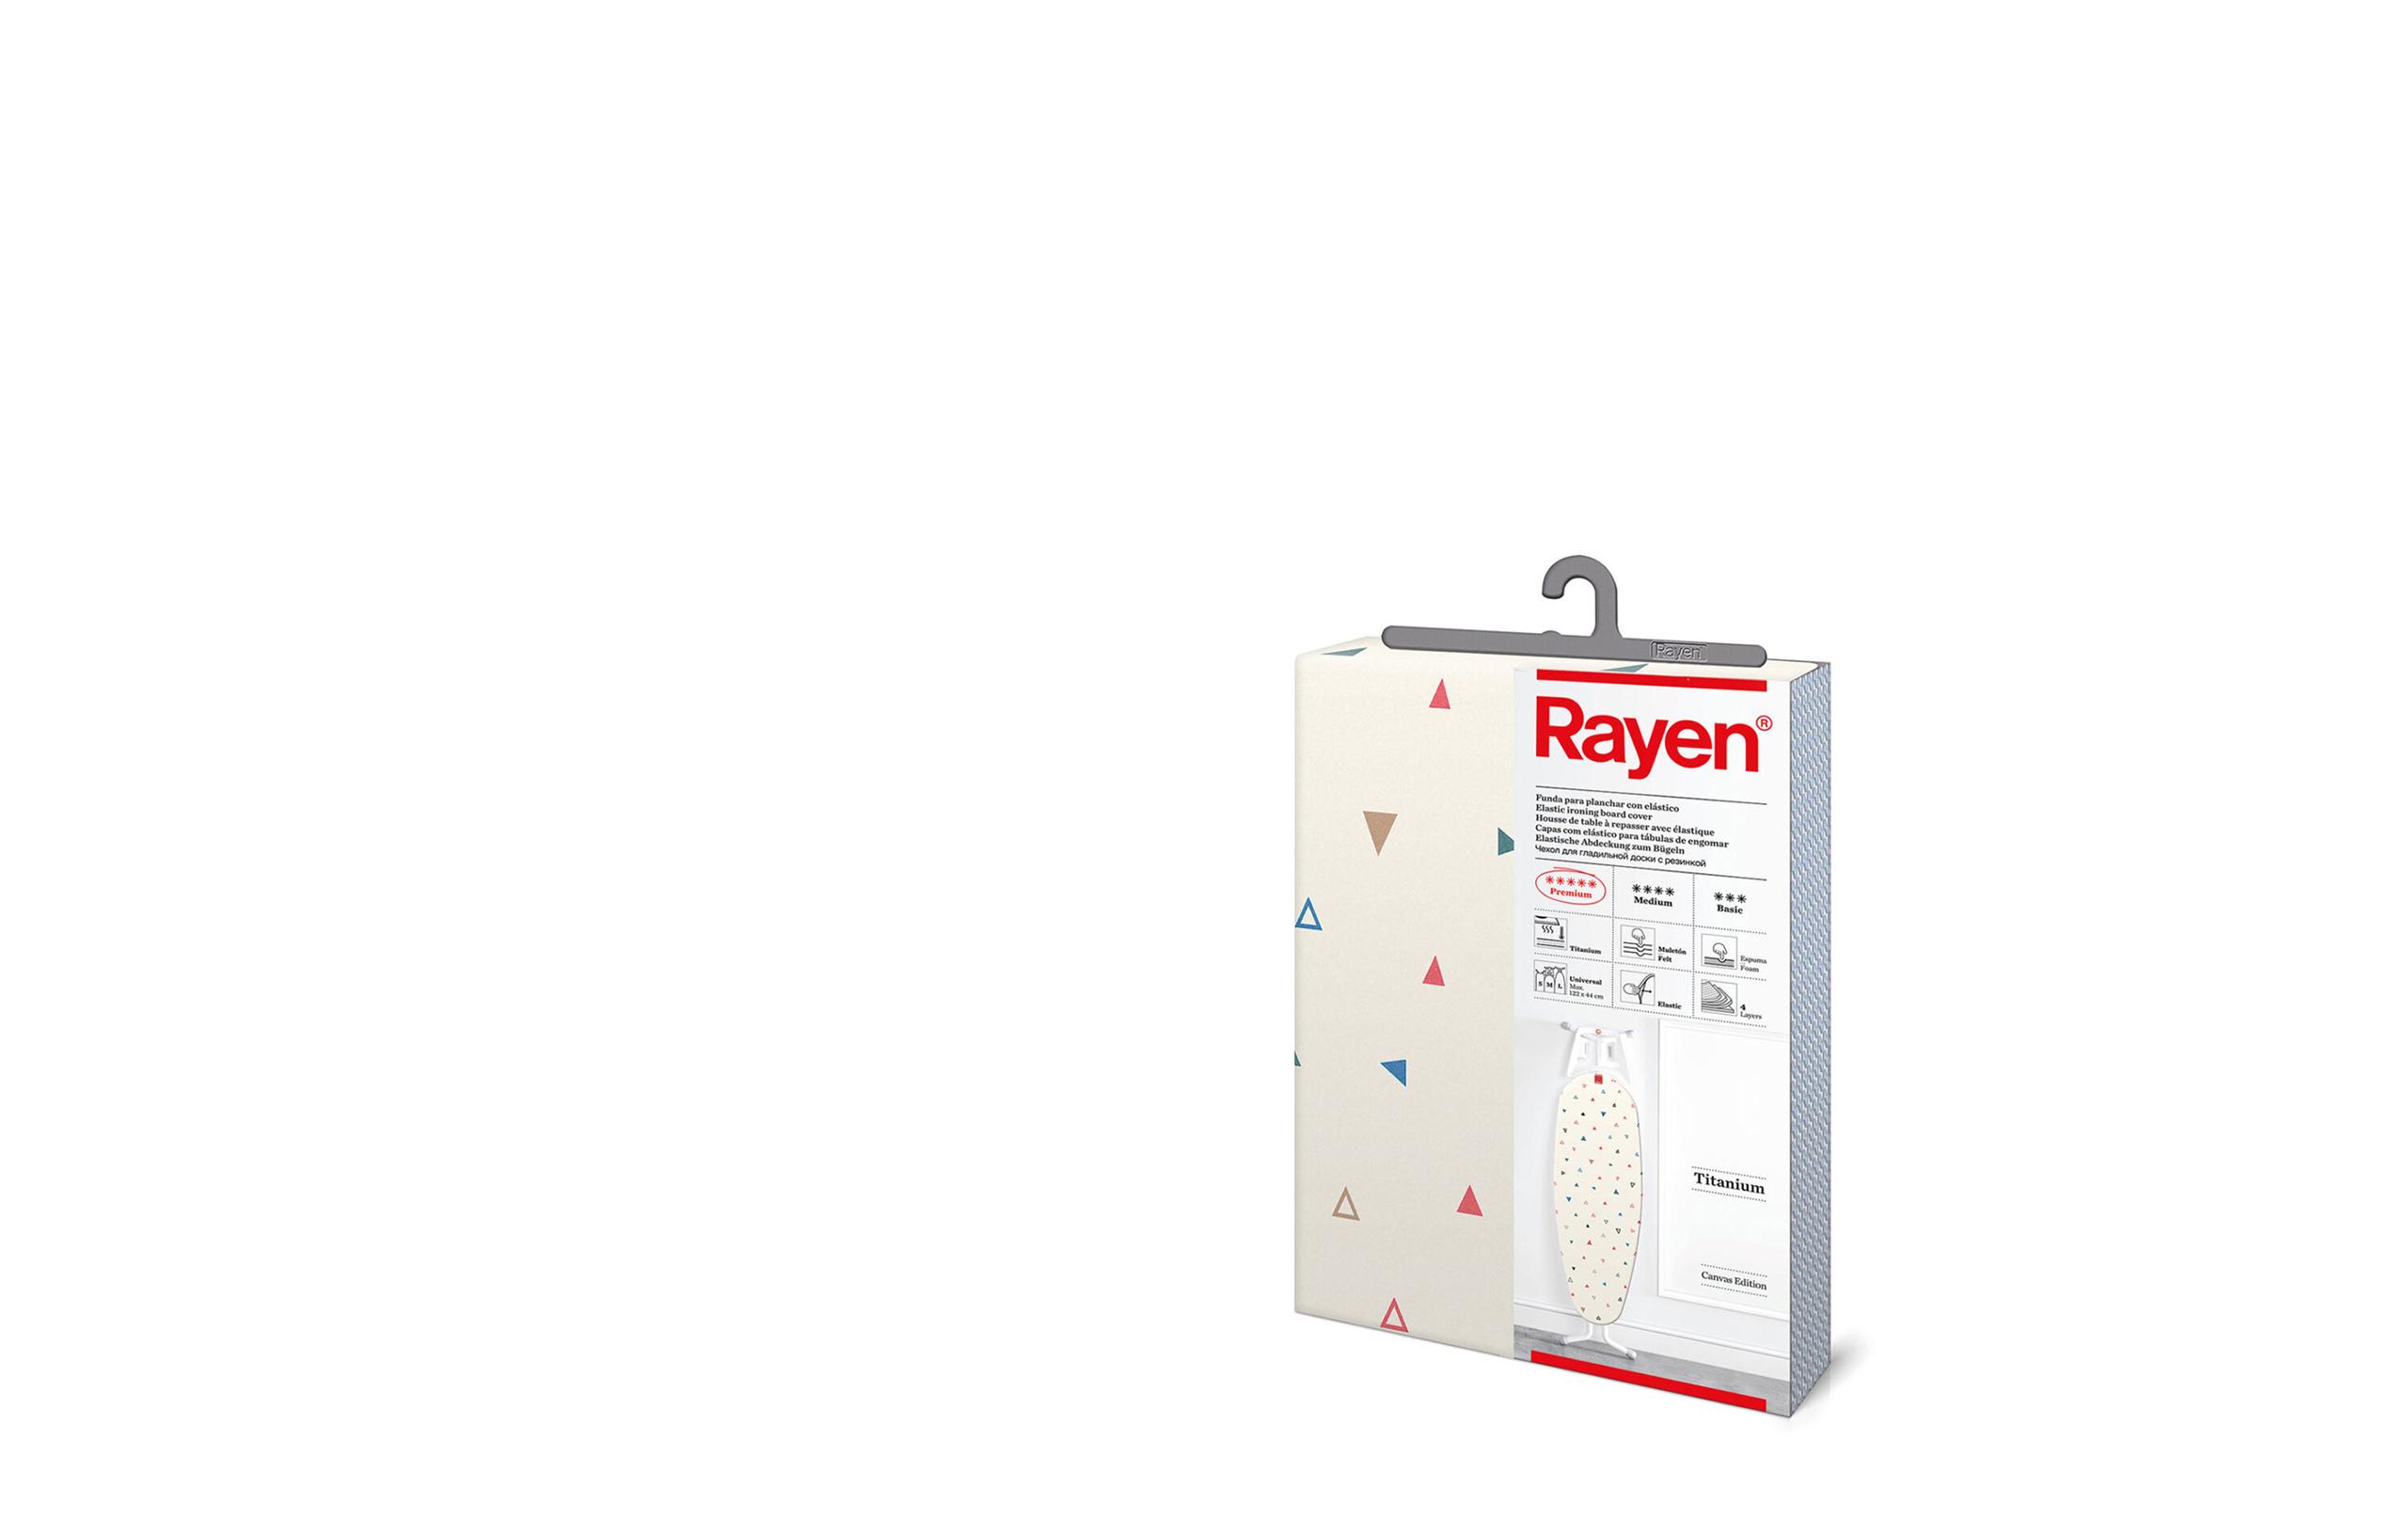 slider-fundas-plancha-1-2021-2 slider-fundas-plancha-1-2021-2 | Rayen.com